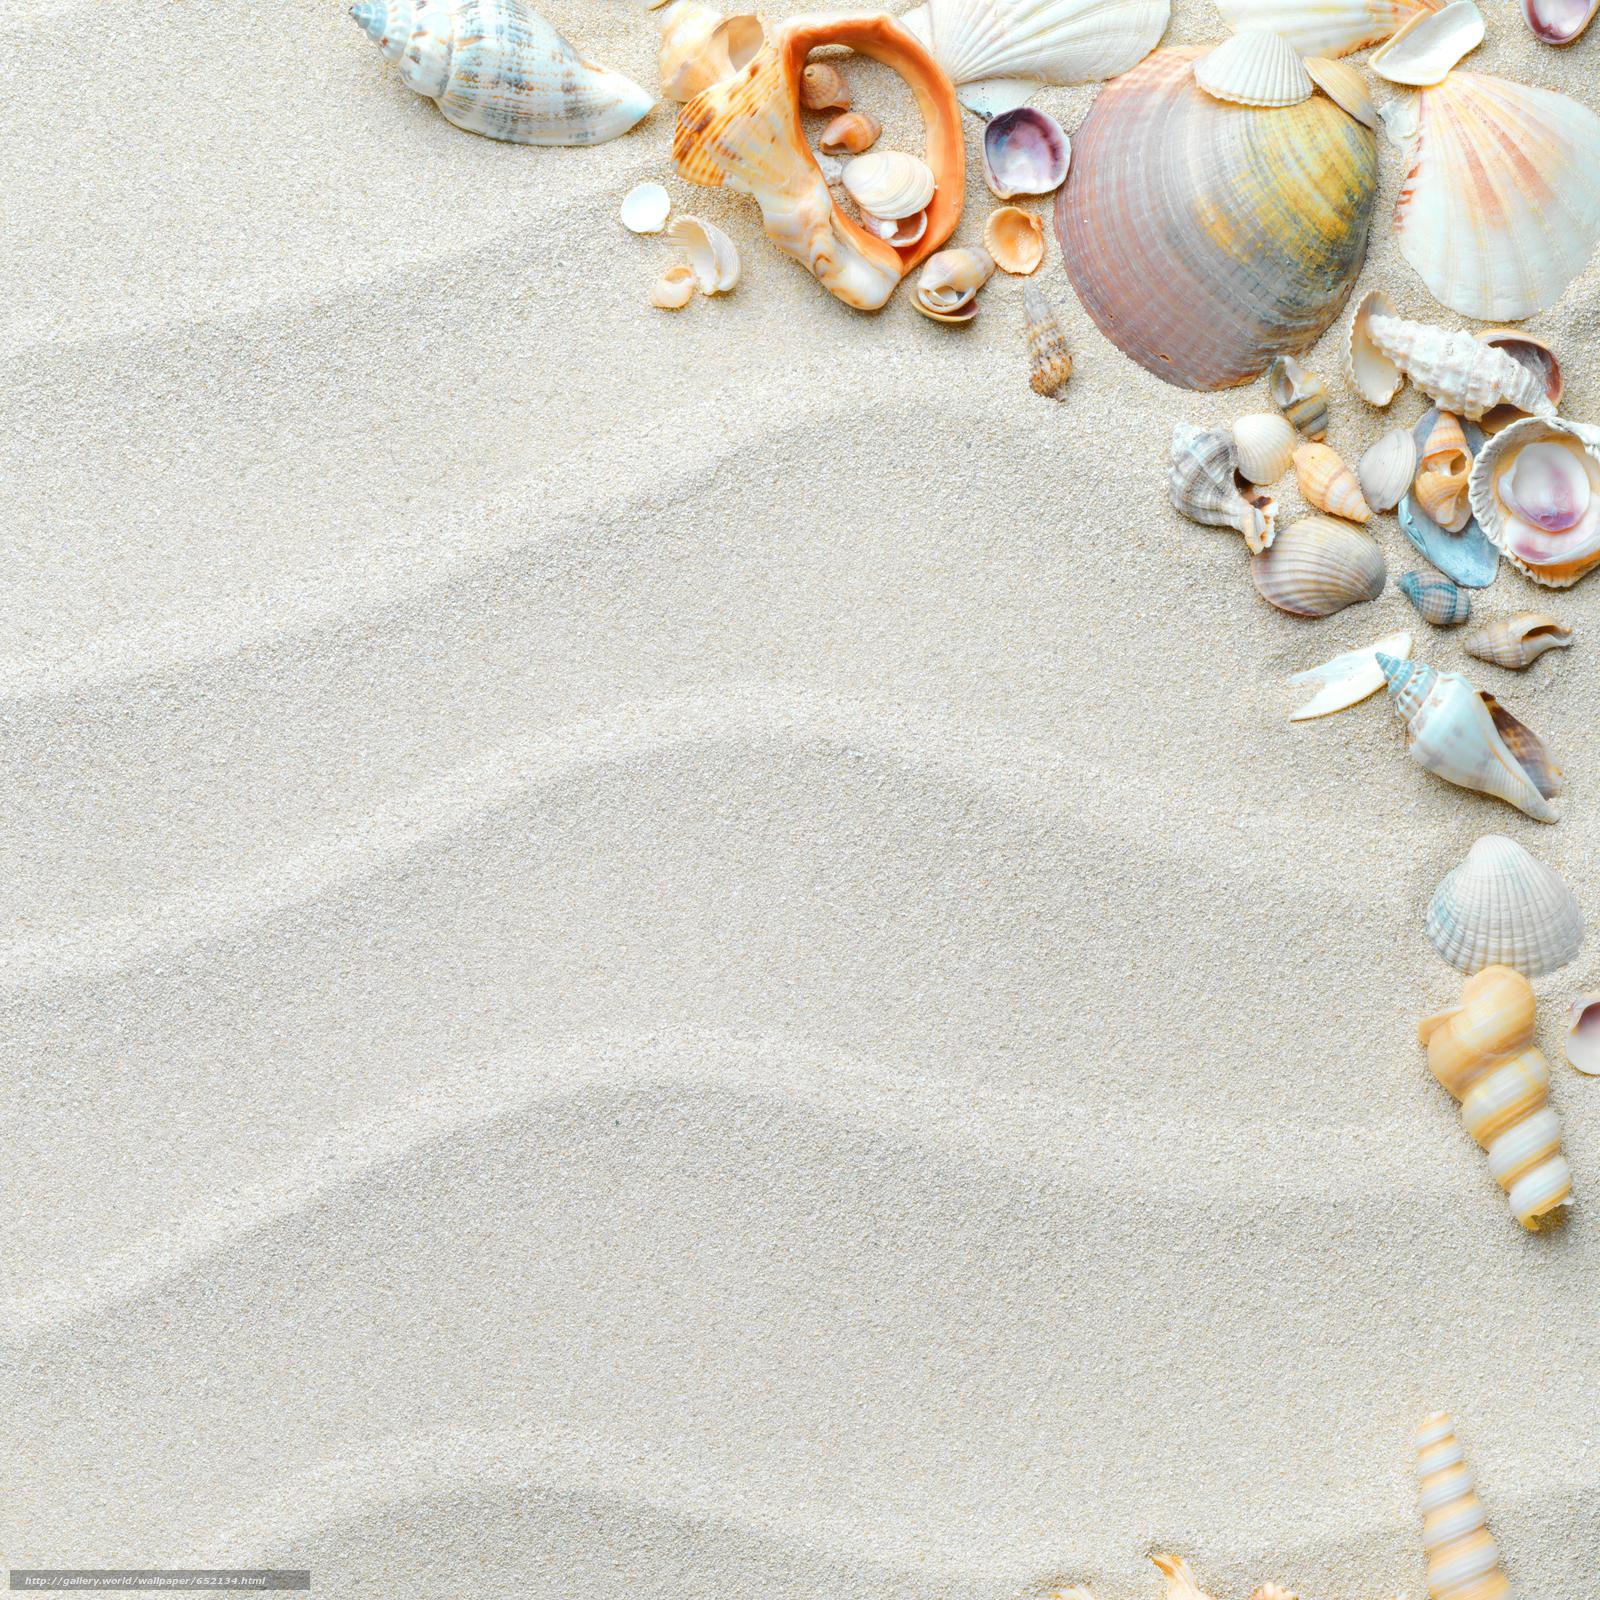 壁紙をダウンロード Texture テクスチャー 貝殻 砂 デスクトップの解像度のための無料壁紙 3932x3932 絵